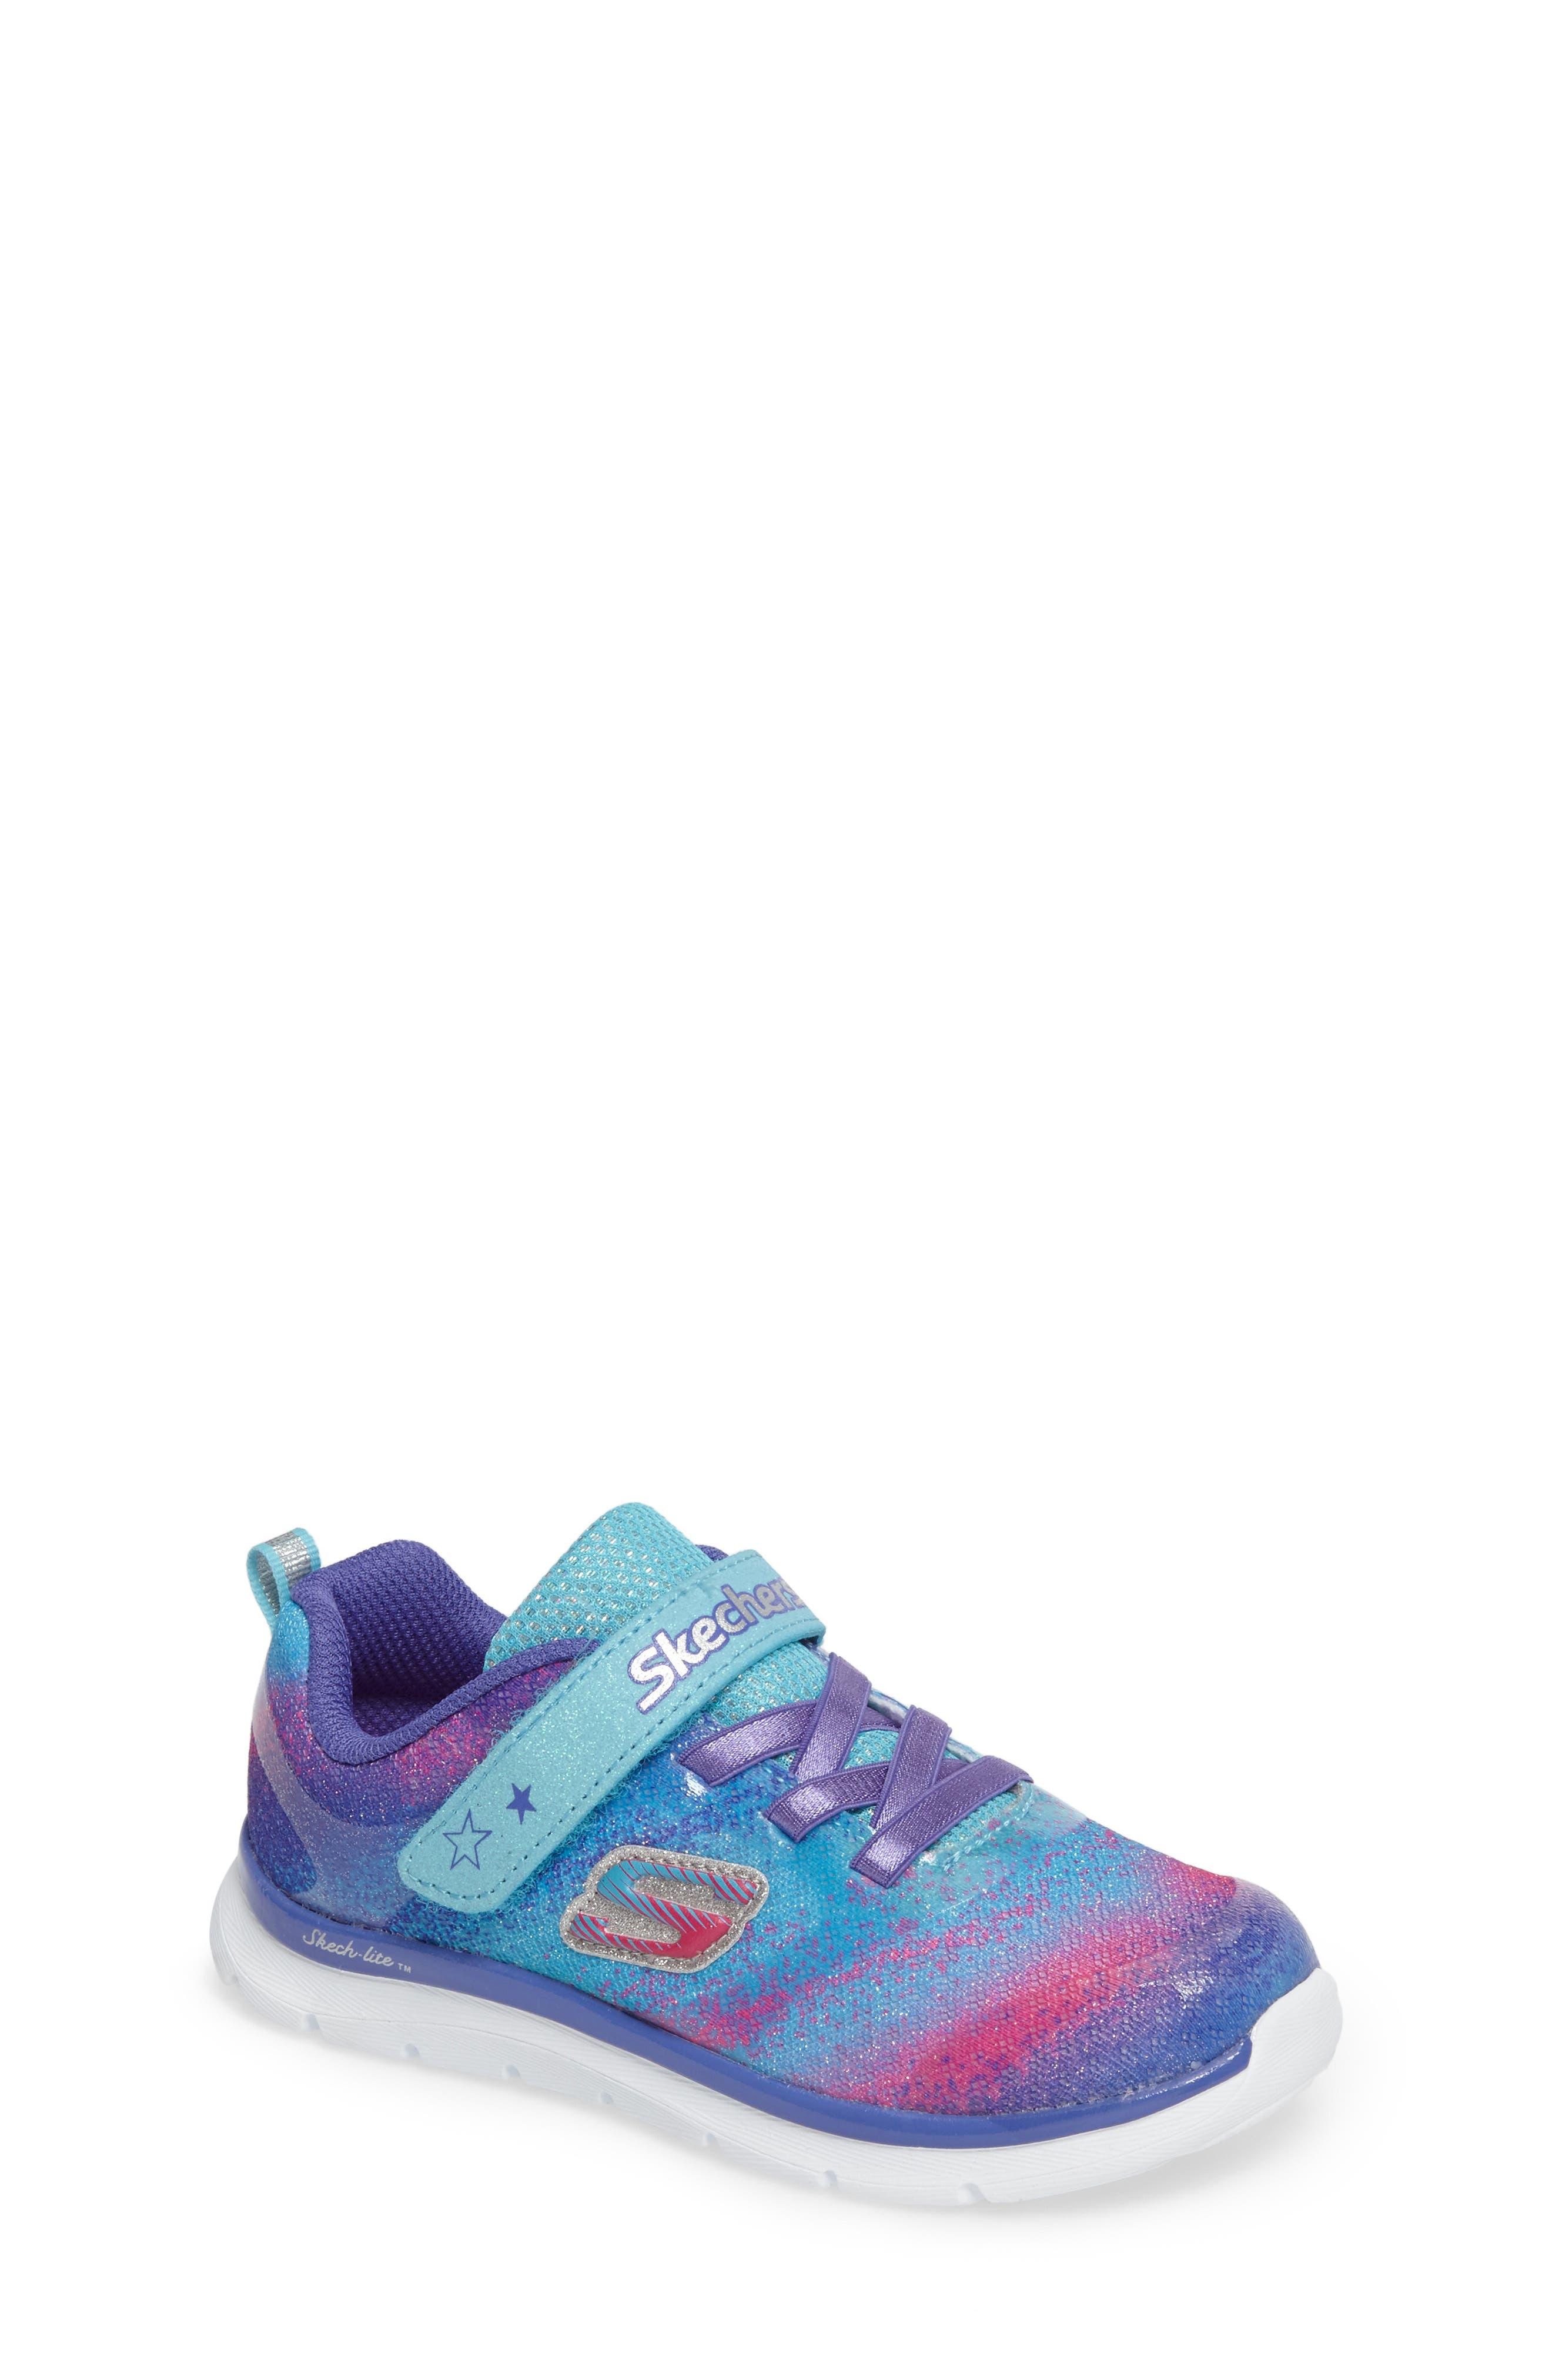 Alternate Image 1 Selected - SKECHERS Skech-Lite Colorful Cutie Sneaker (Walker & Toddler)